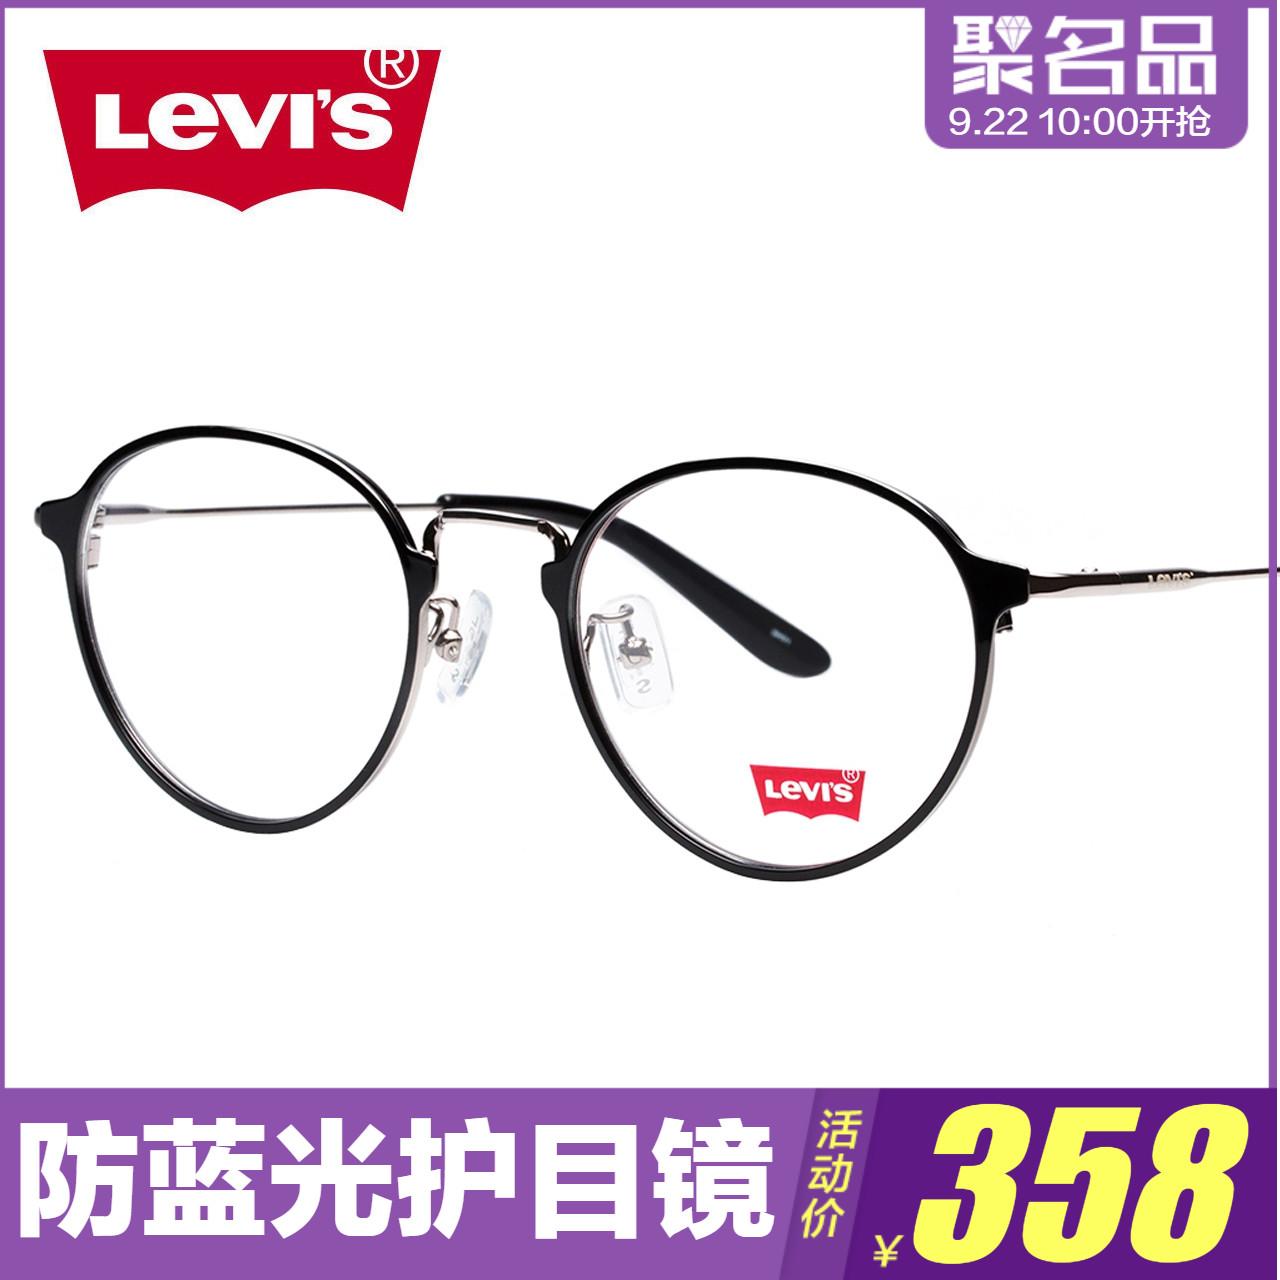 Levis李维斯防蓝光辐射近视眼镜架女圆框复古潮人平光镜框男 5237